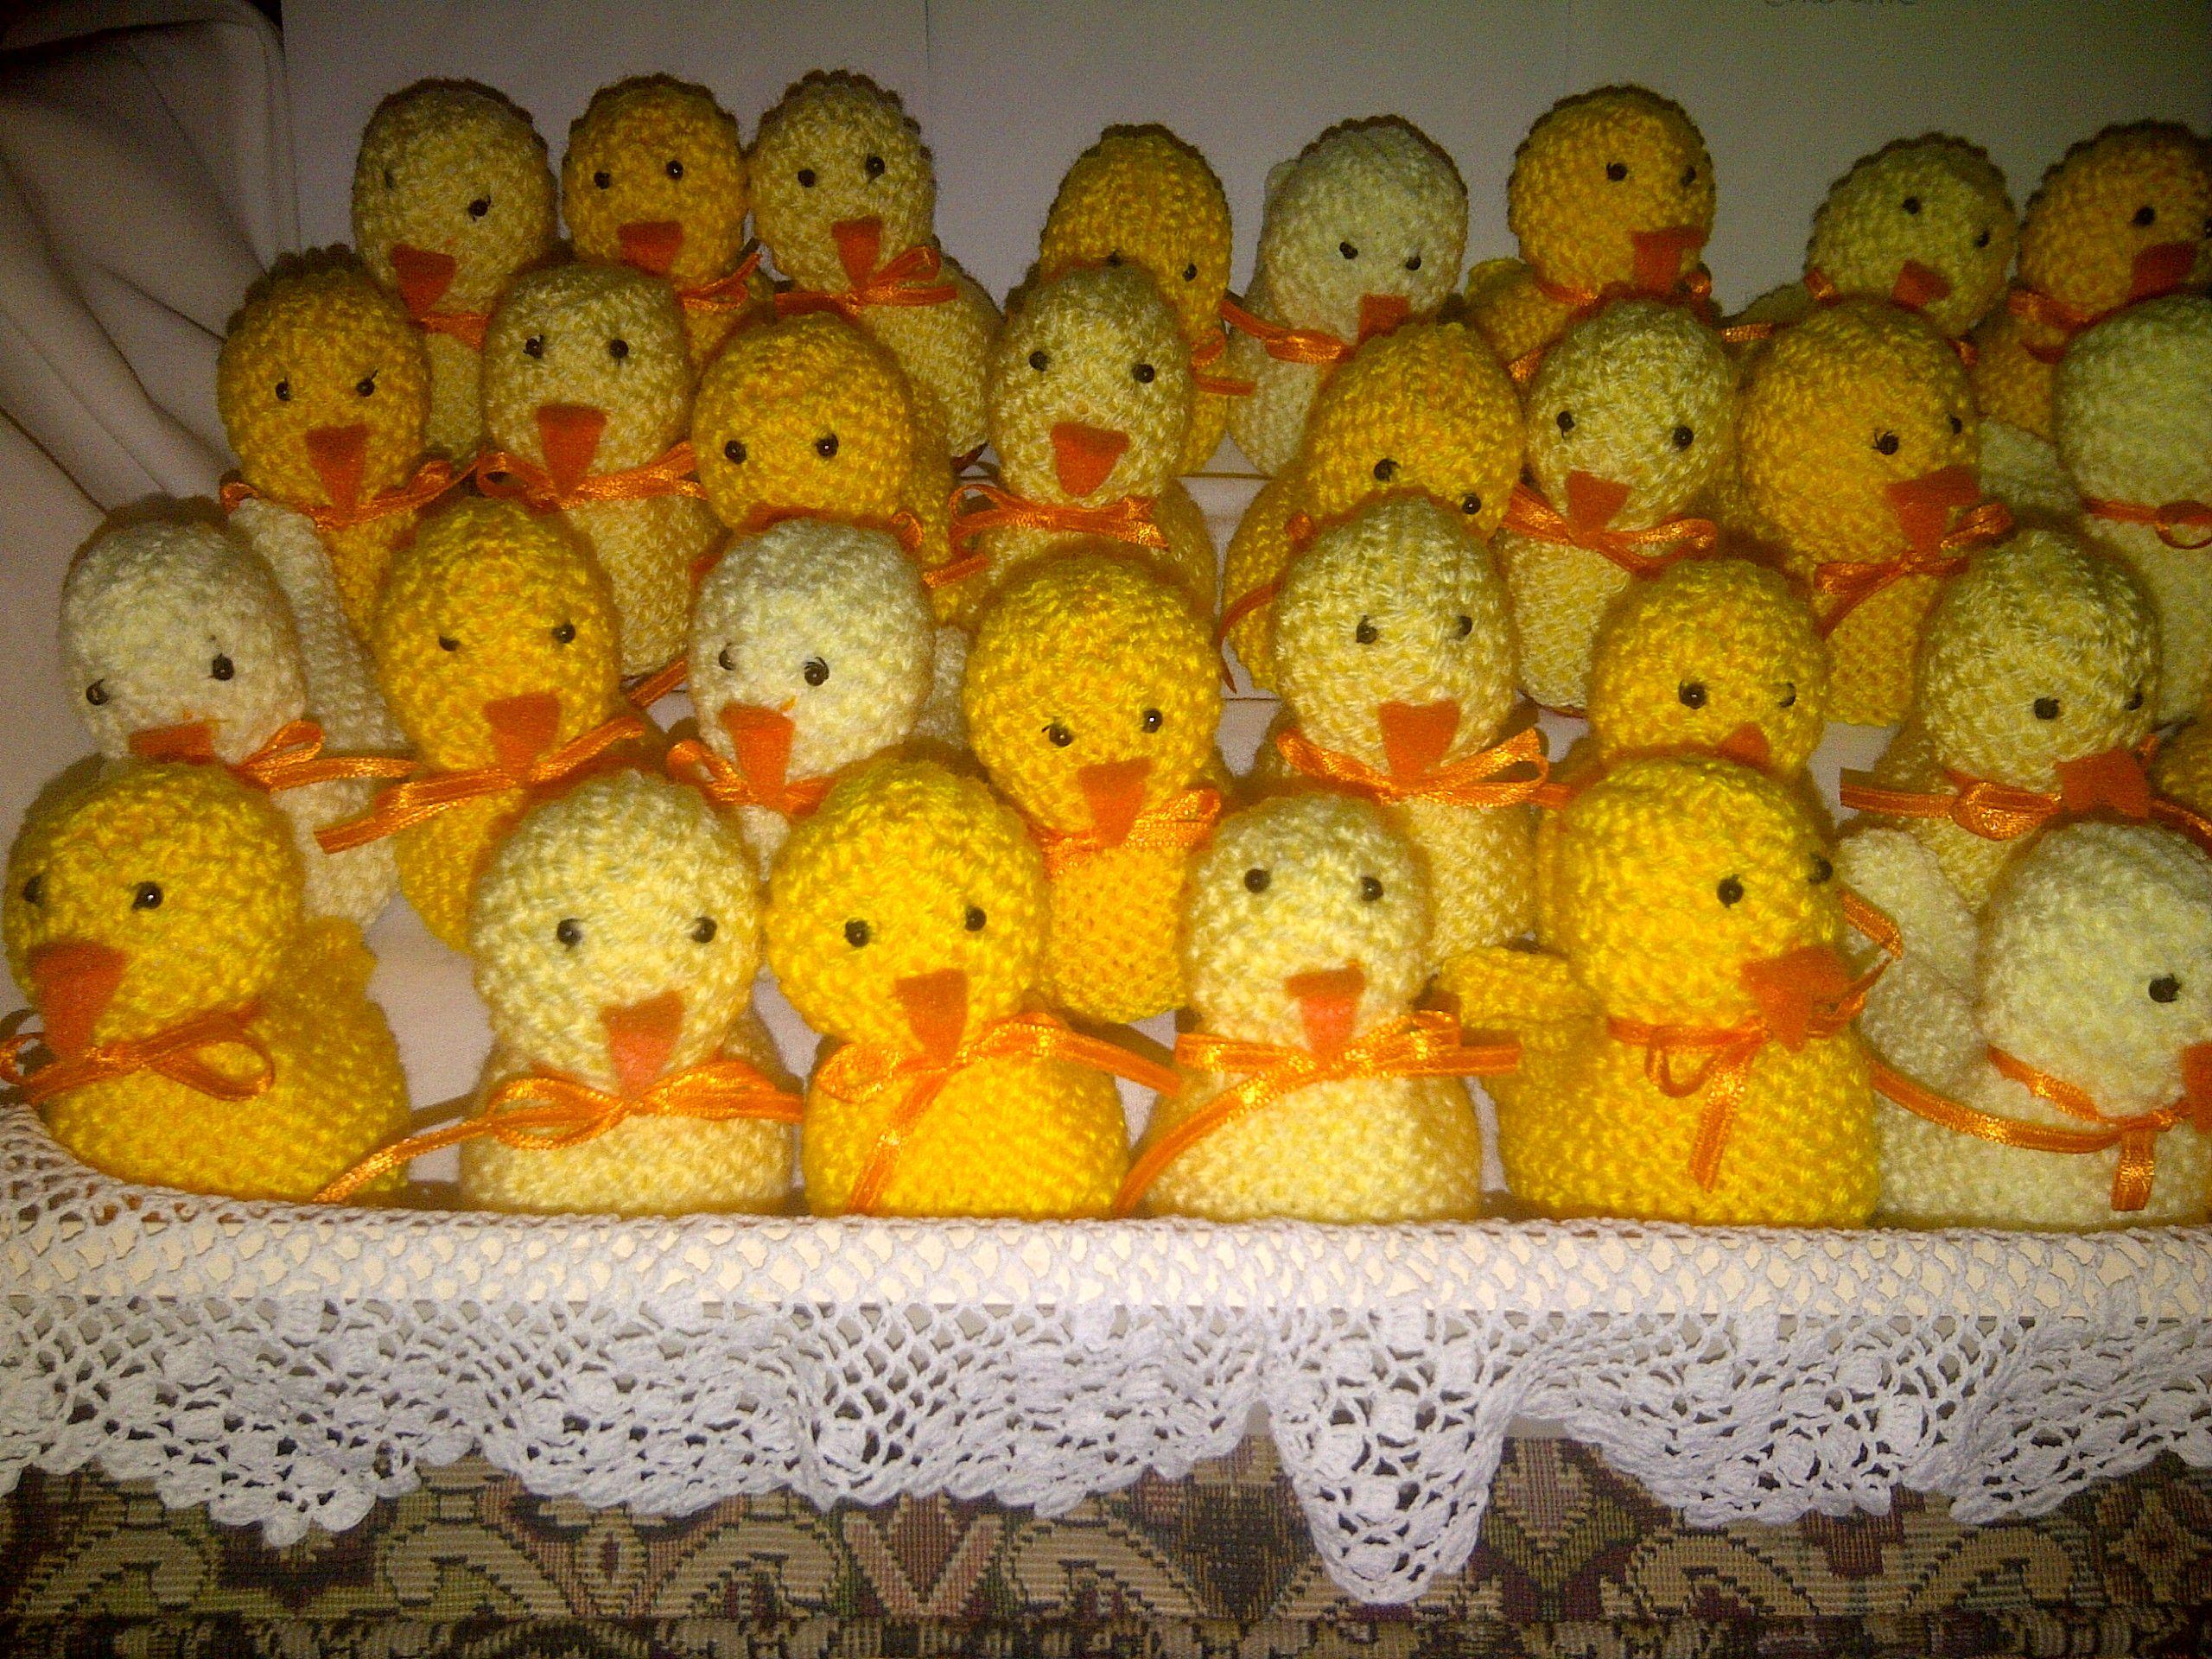 Knitting Easter Chicks : Knitted easter chicks pinterest